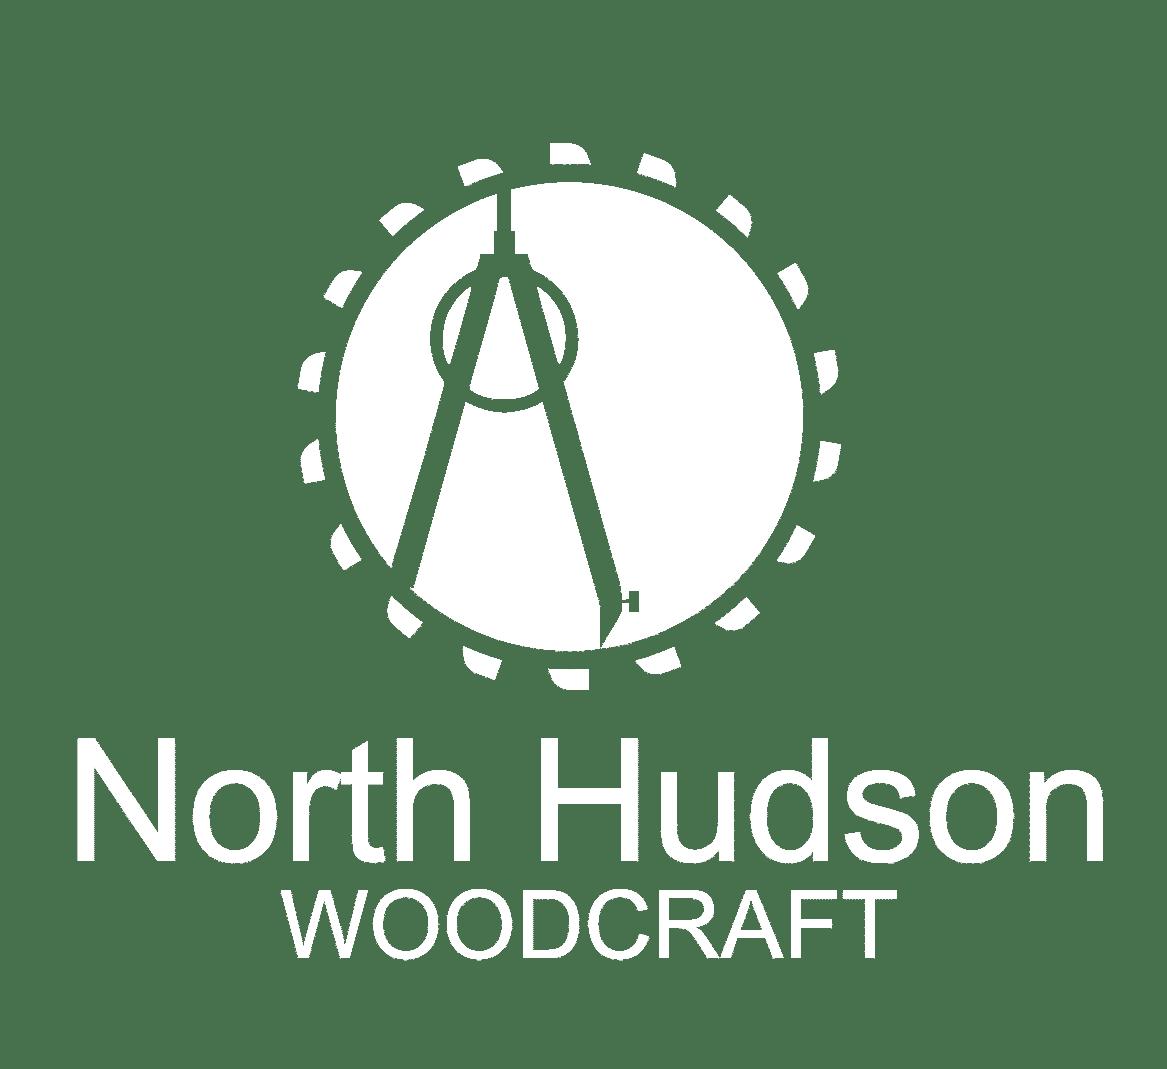 North Hudson Woodcraft